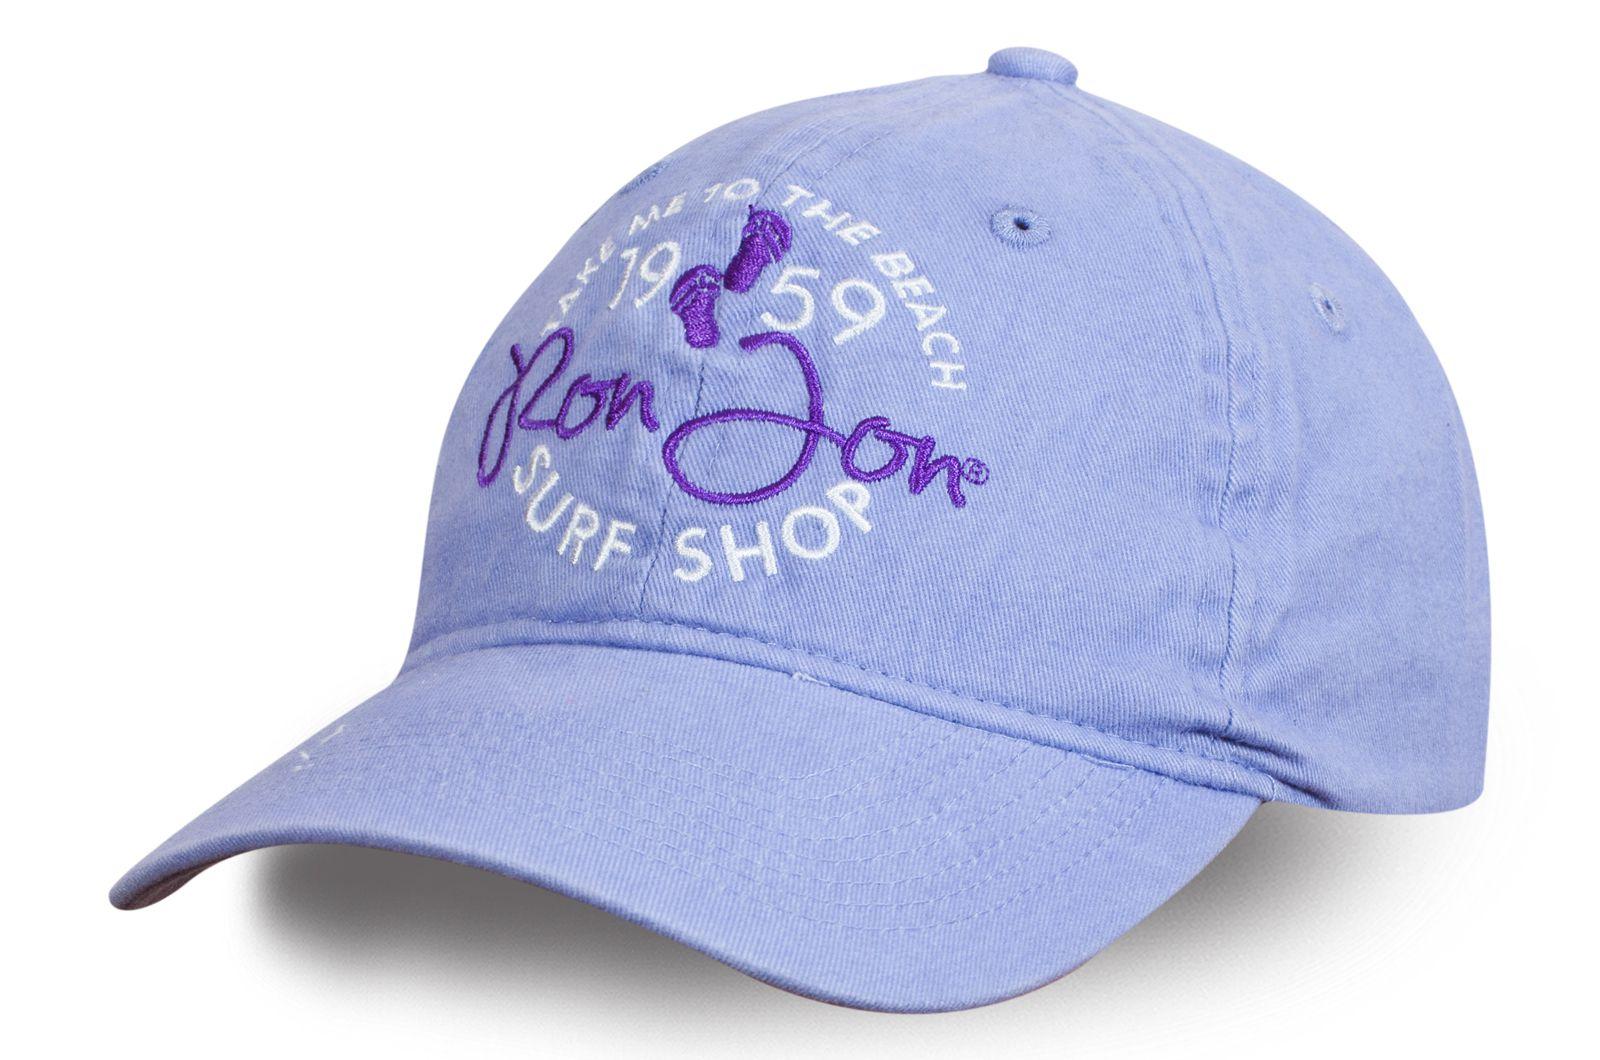 Бейсболка серфера с вышивкой Ron Jon - купить по выгодной цене